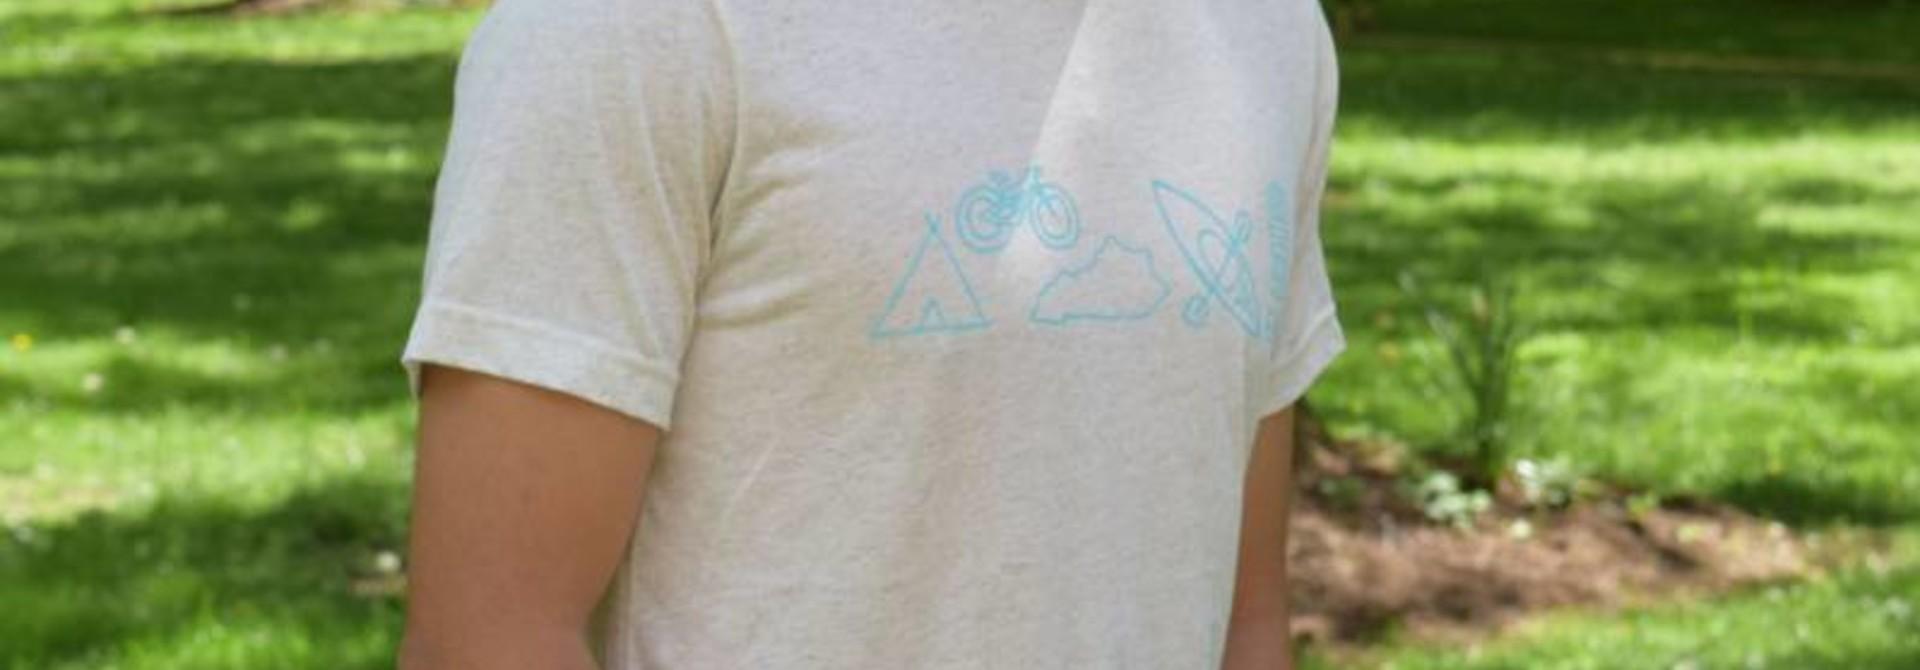 Explore Kentucky T-Shirt